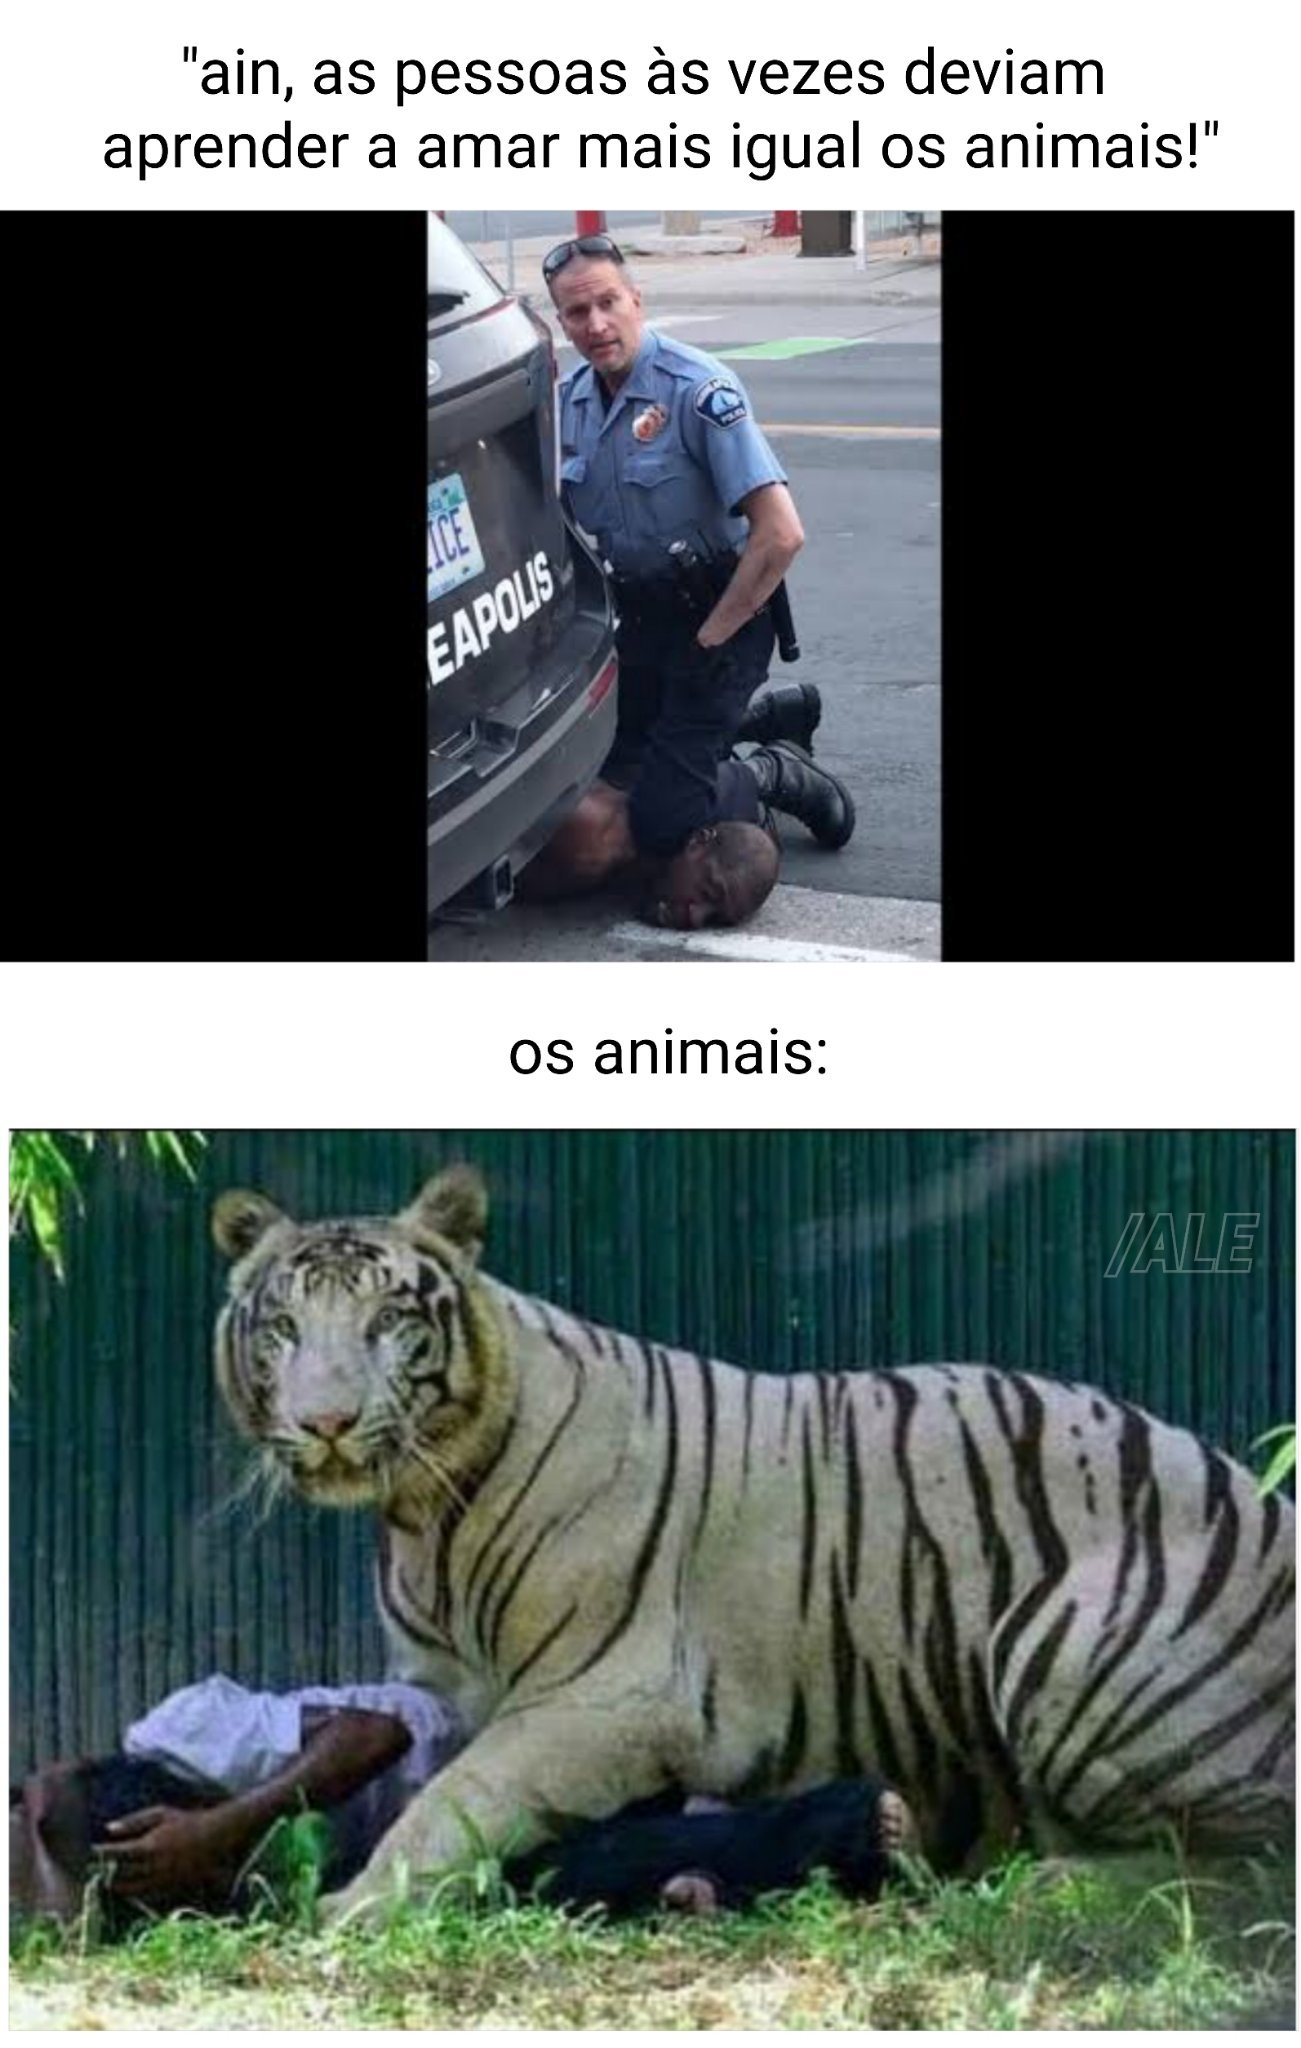 tigres brancos não passarão - meme